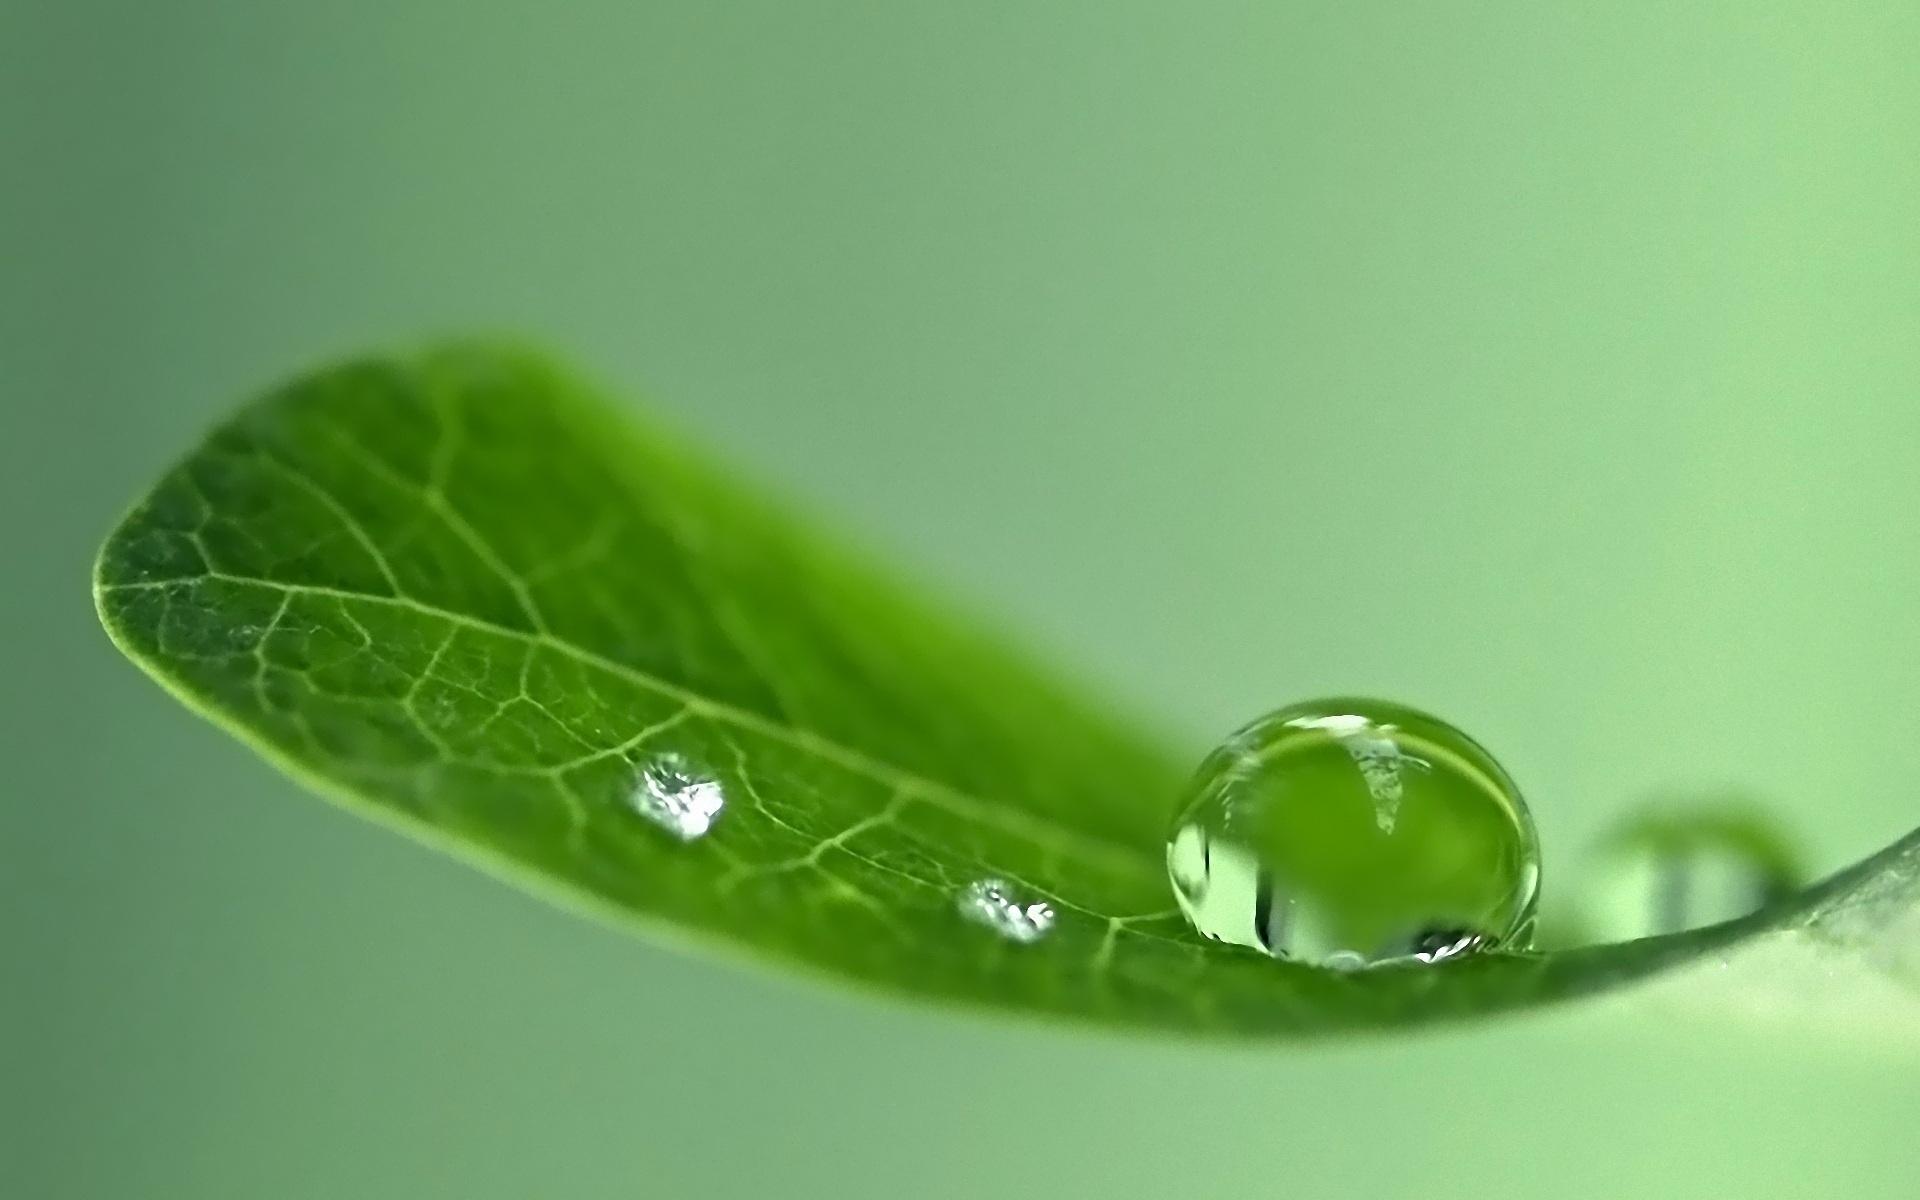 7028297-natural-water-drops